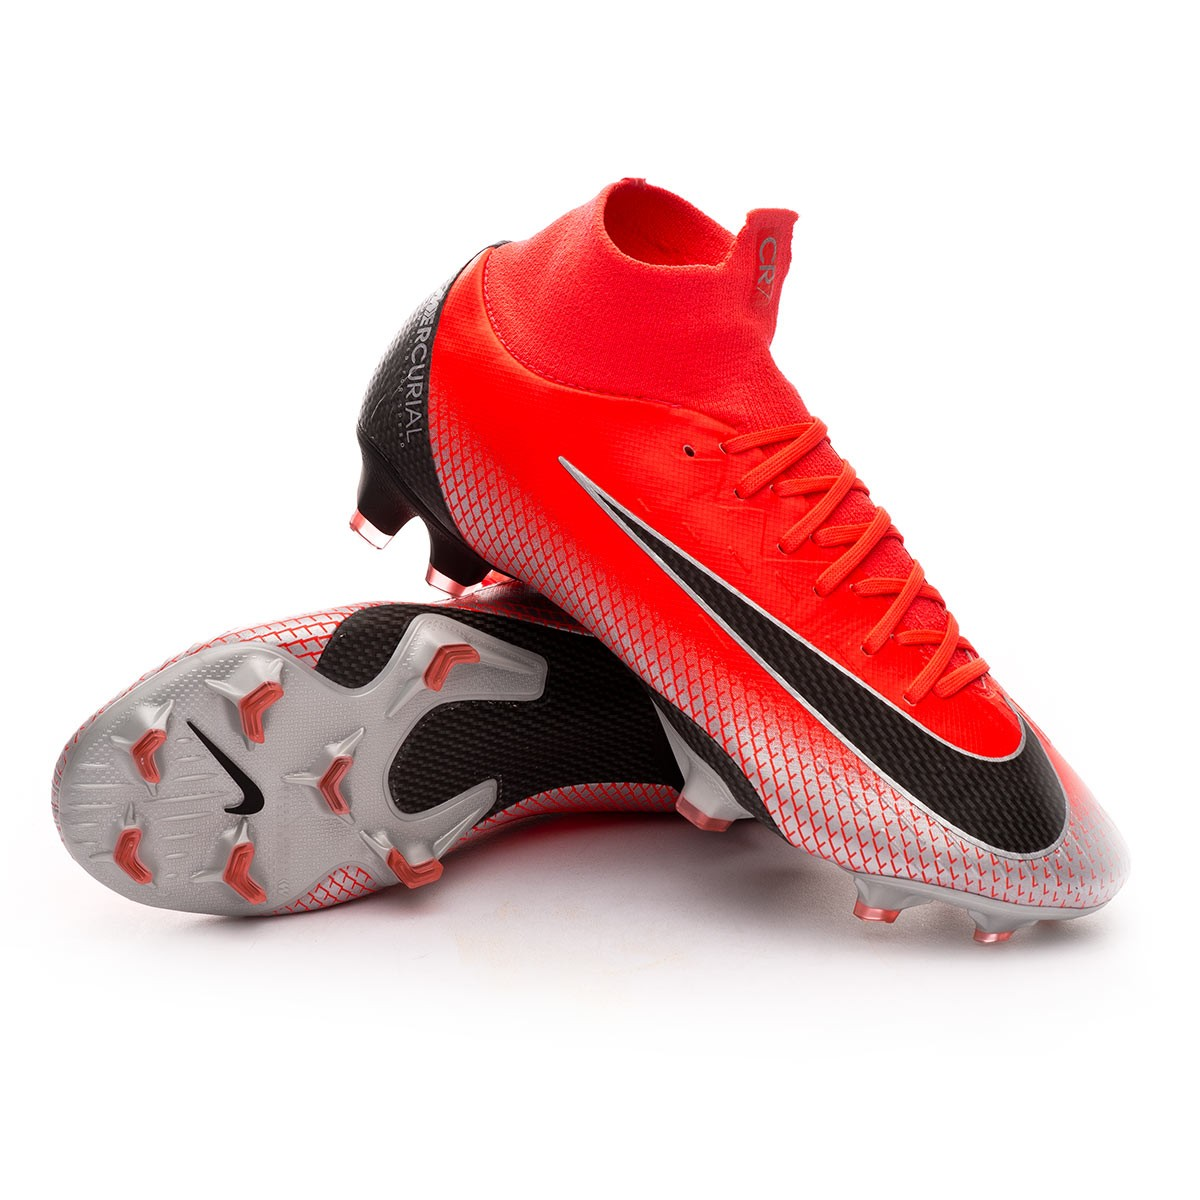 promo code 5814e 035e5 Scarpe Nike Mercurial Superfly VI Pro CR7 FG Bright  crimson-Black-Chrome-Dark grey - Negozio di calcio Fútbol Emotion